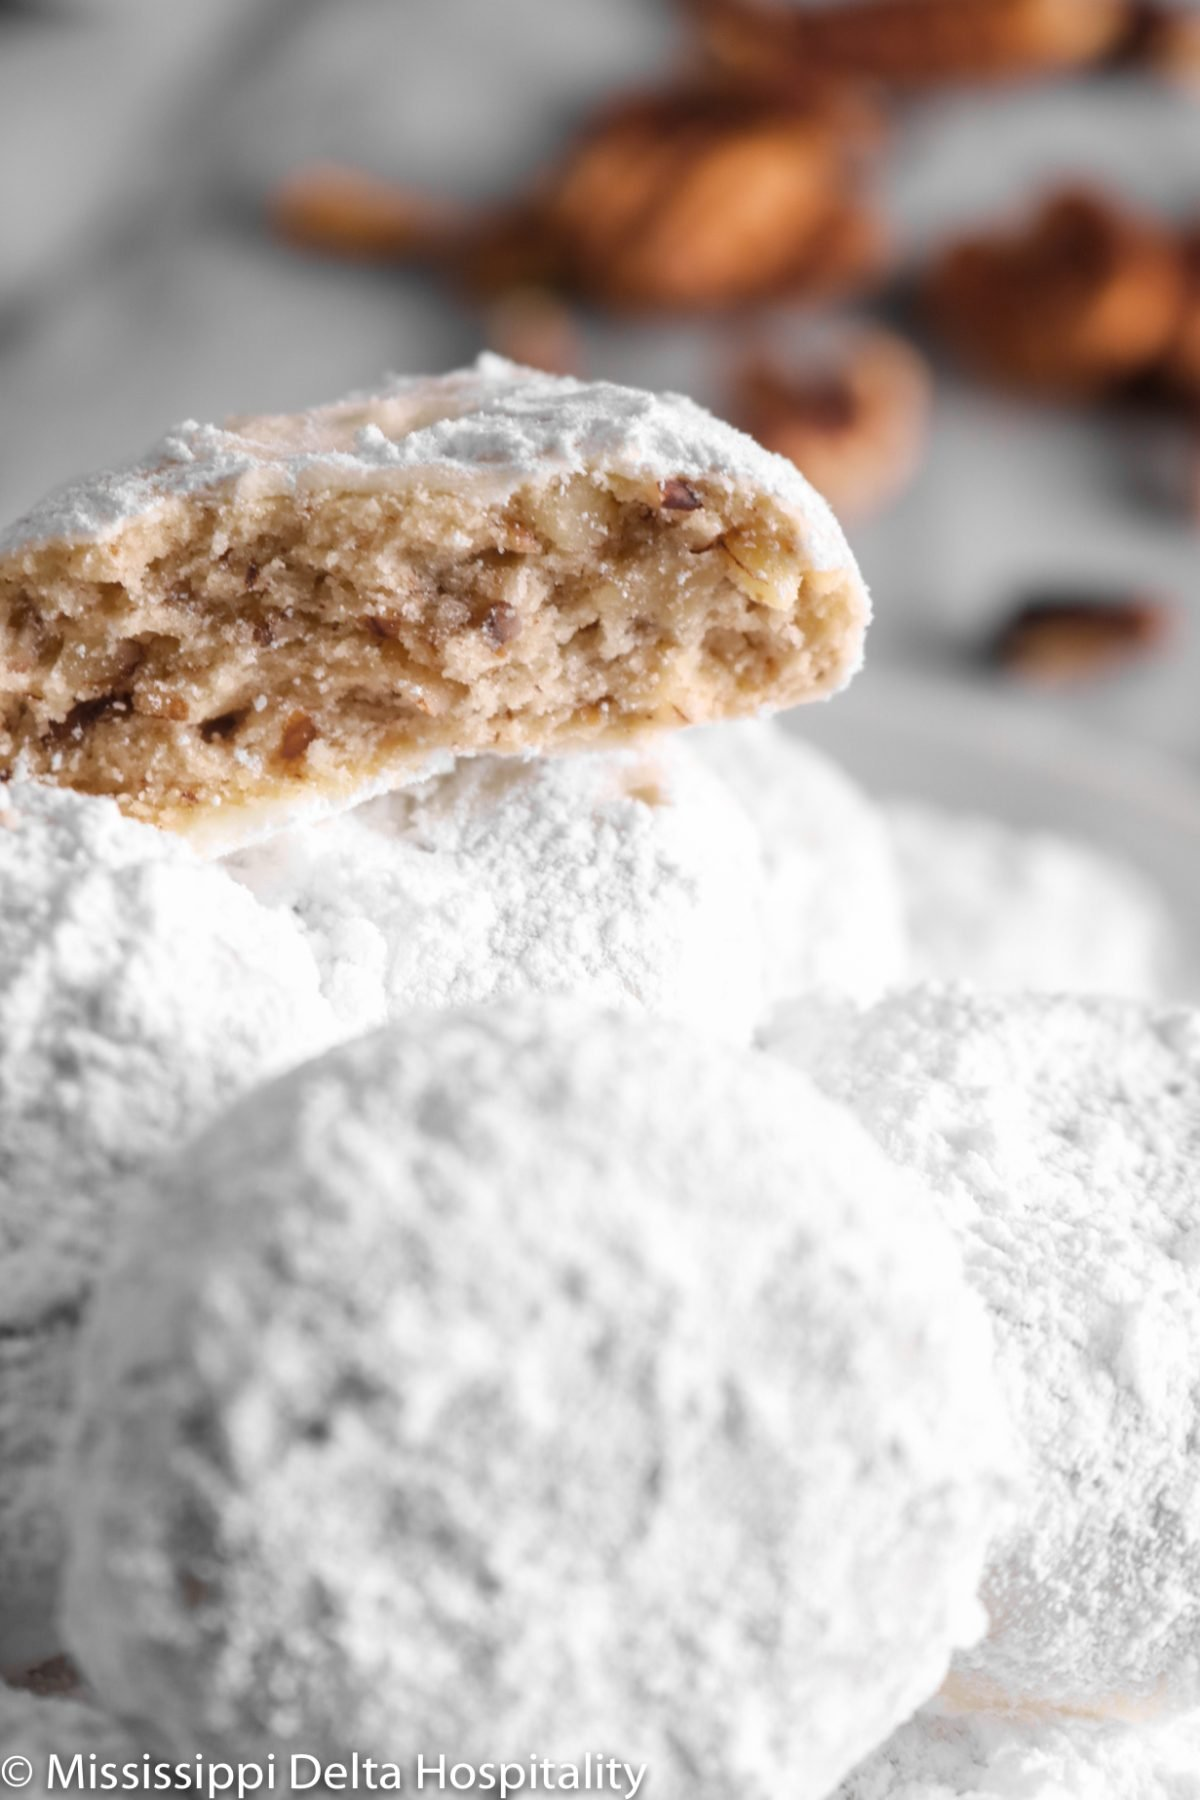 a pile of danish wedding cookies with one broken in half on top